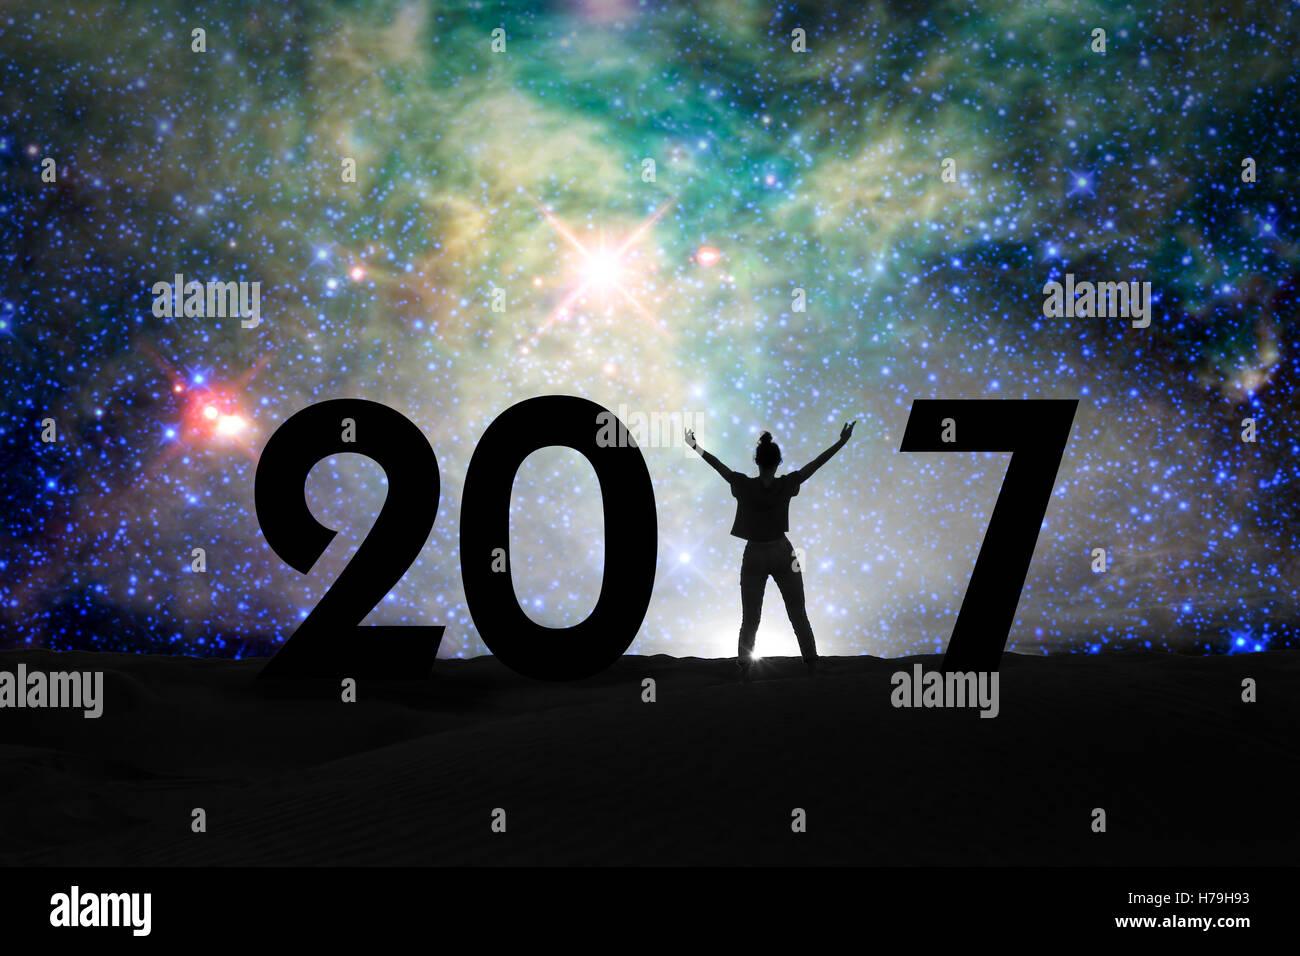 2017, Silhouette einer Frau und Sternennacht, 2017 Neujahr Konzept Stockbild